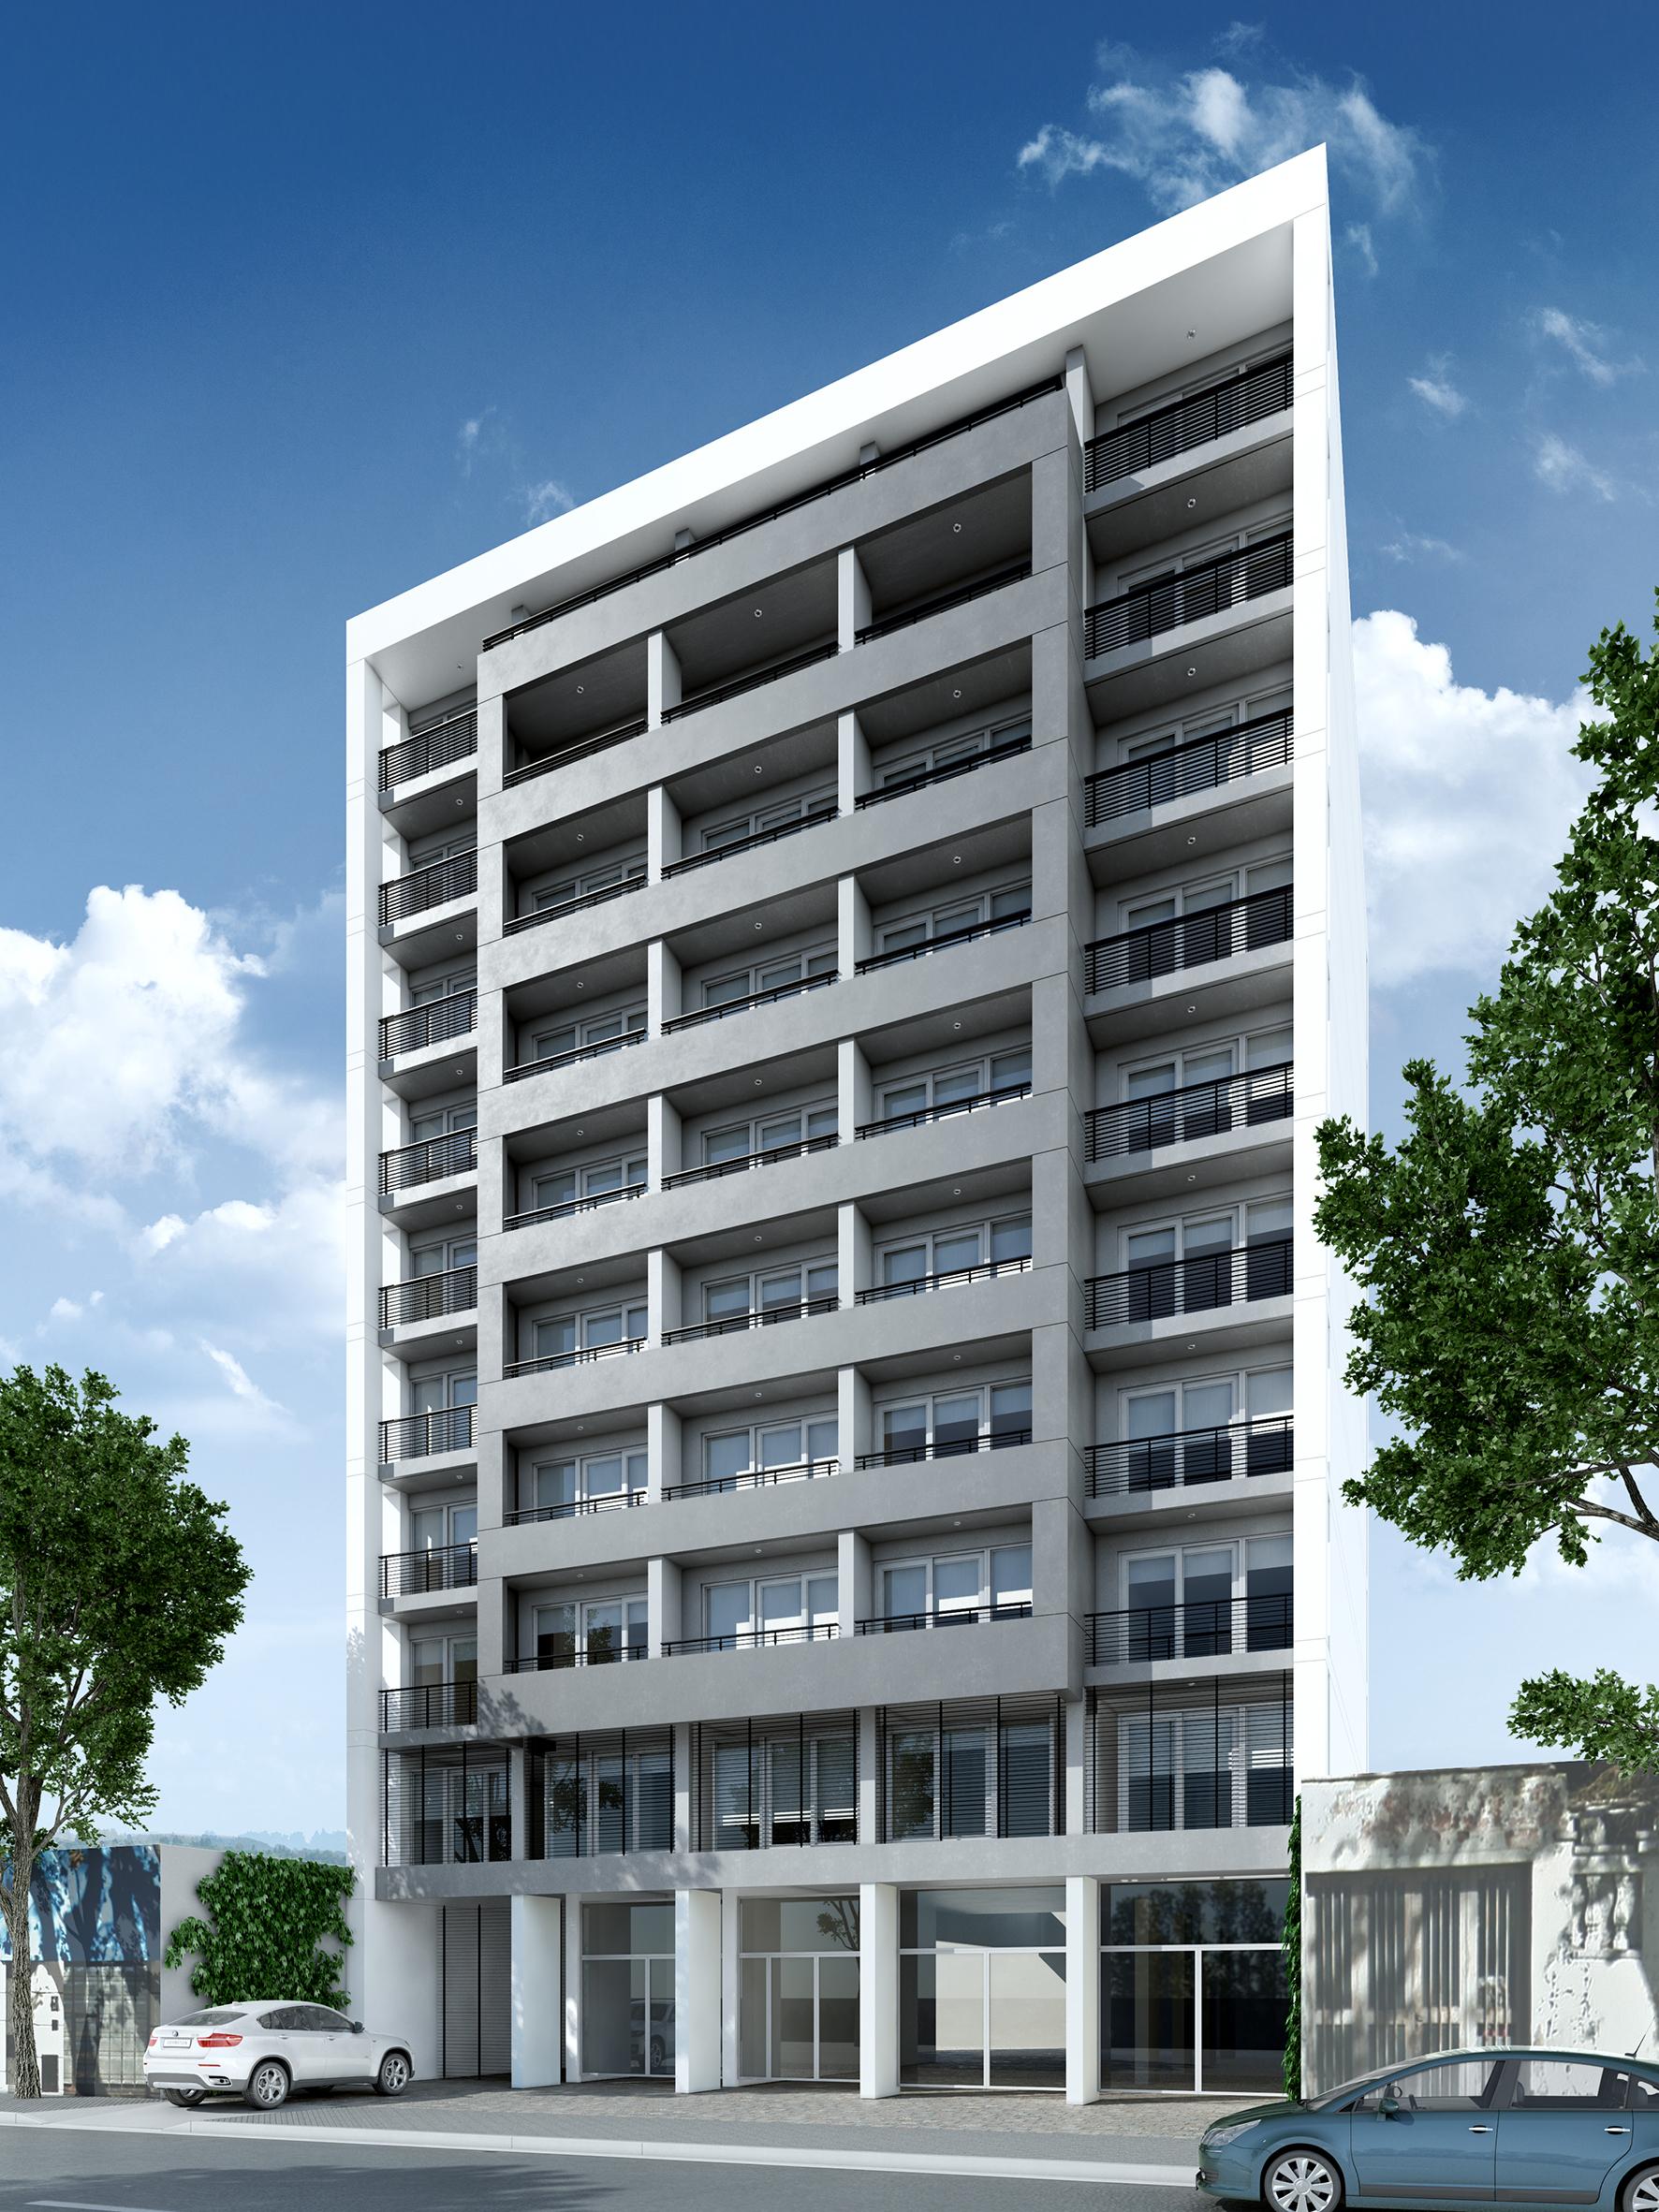 We Building Pellegrini. Av. Pellegrini 4041. fotos